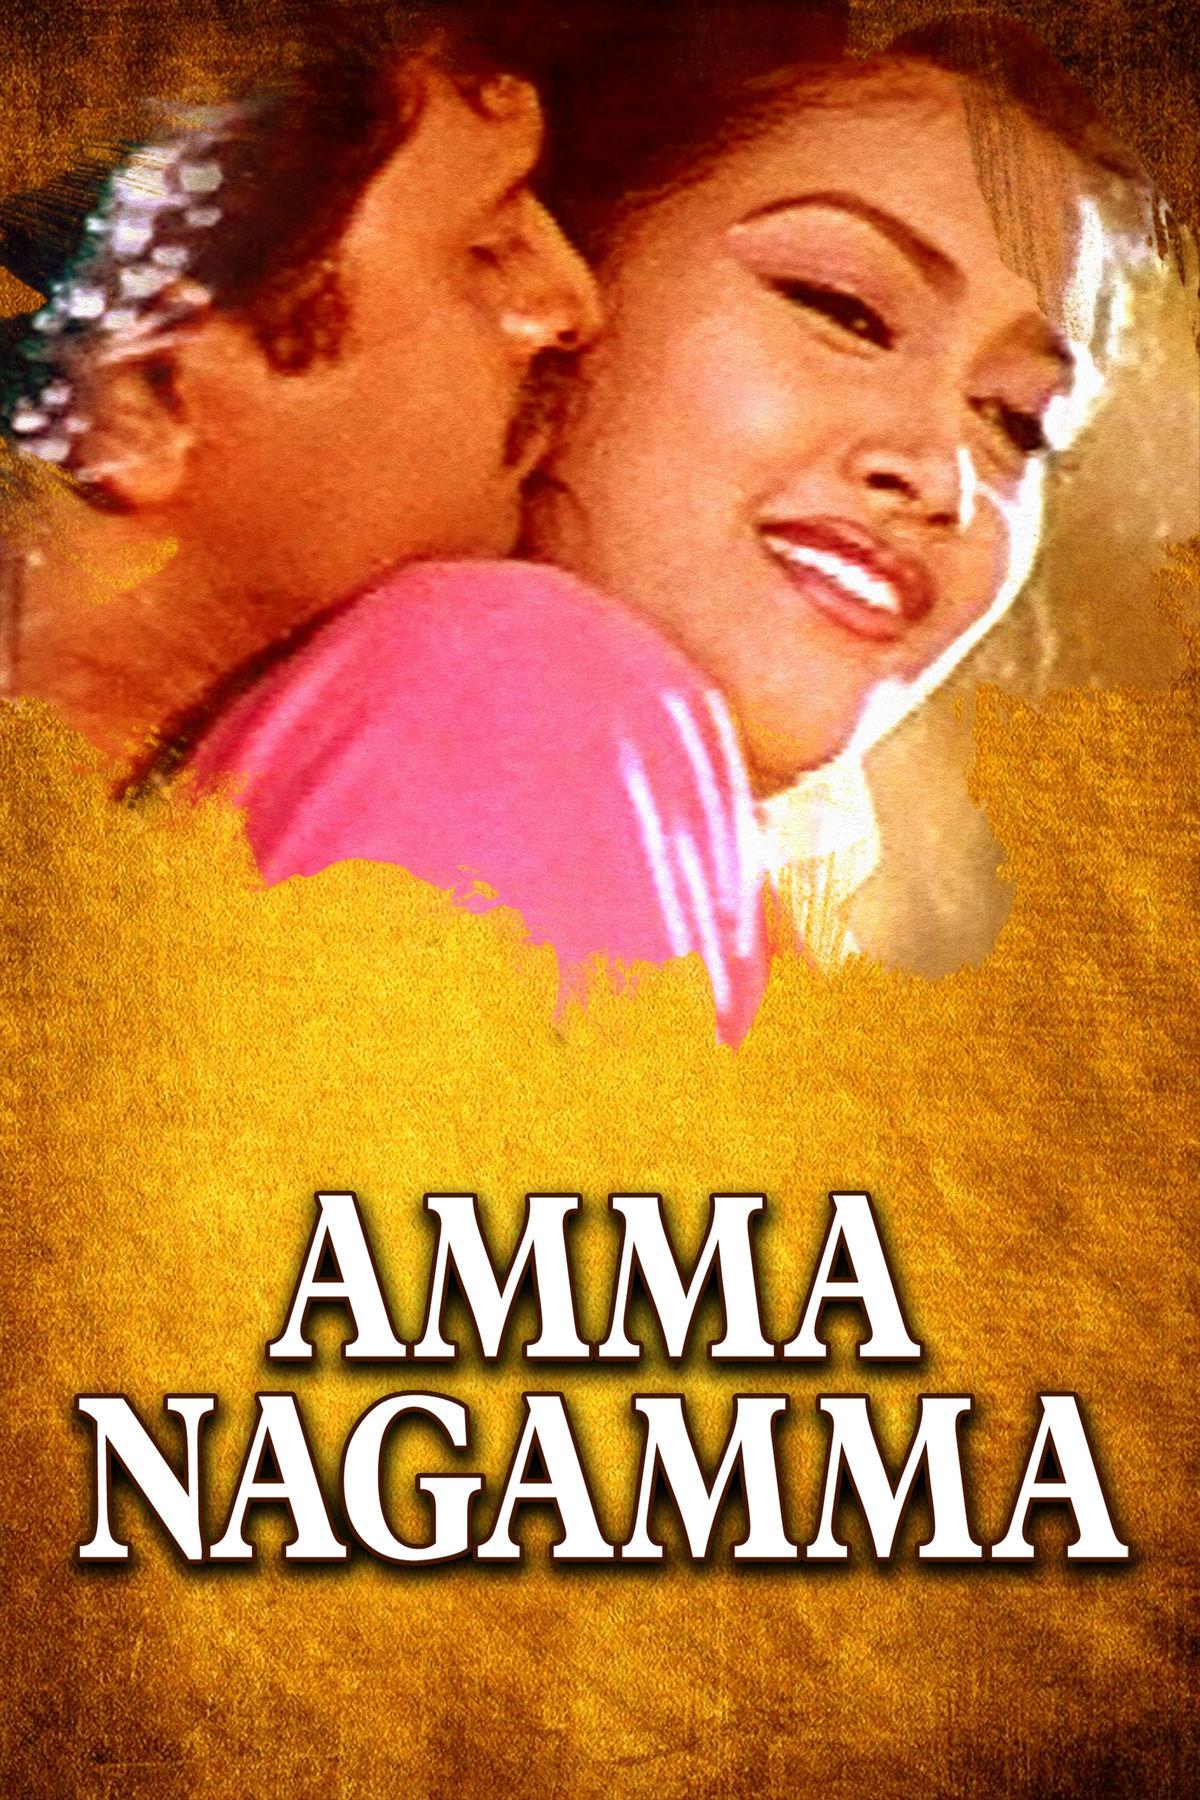 Amma Nagamma